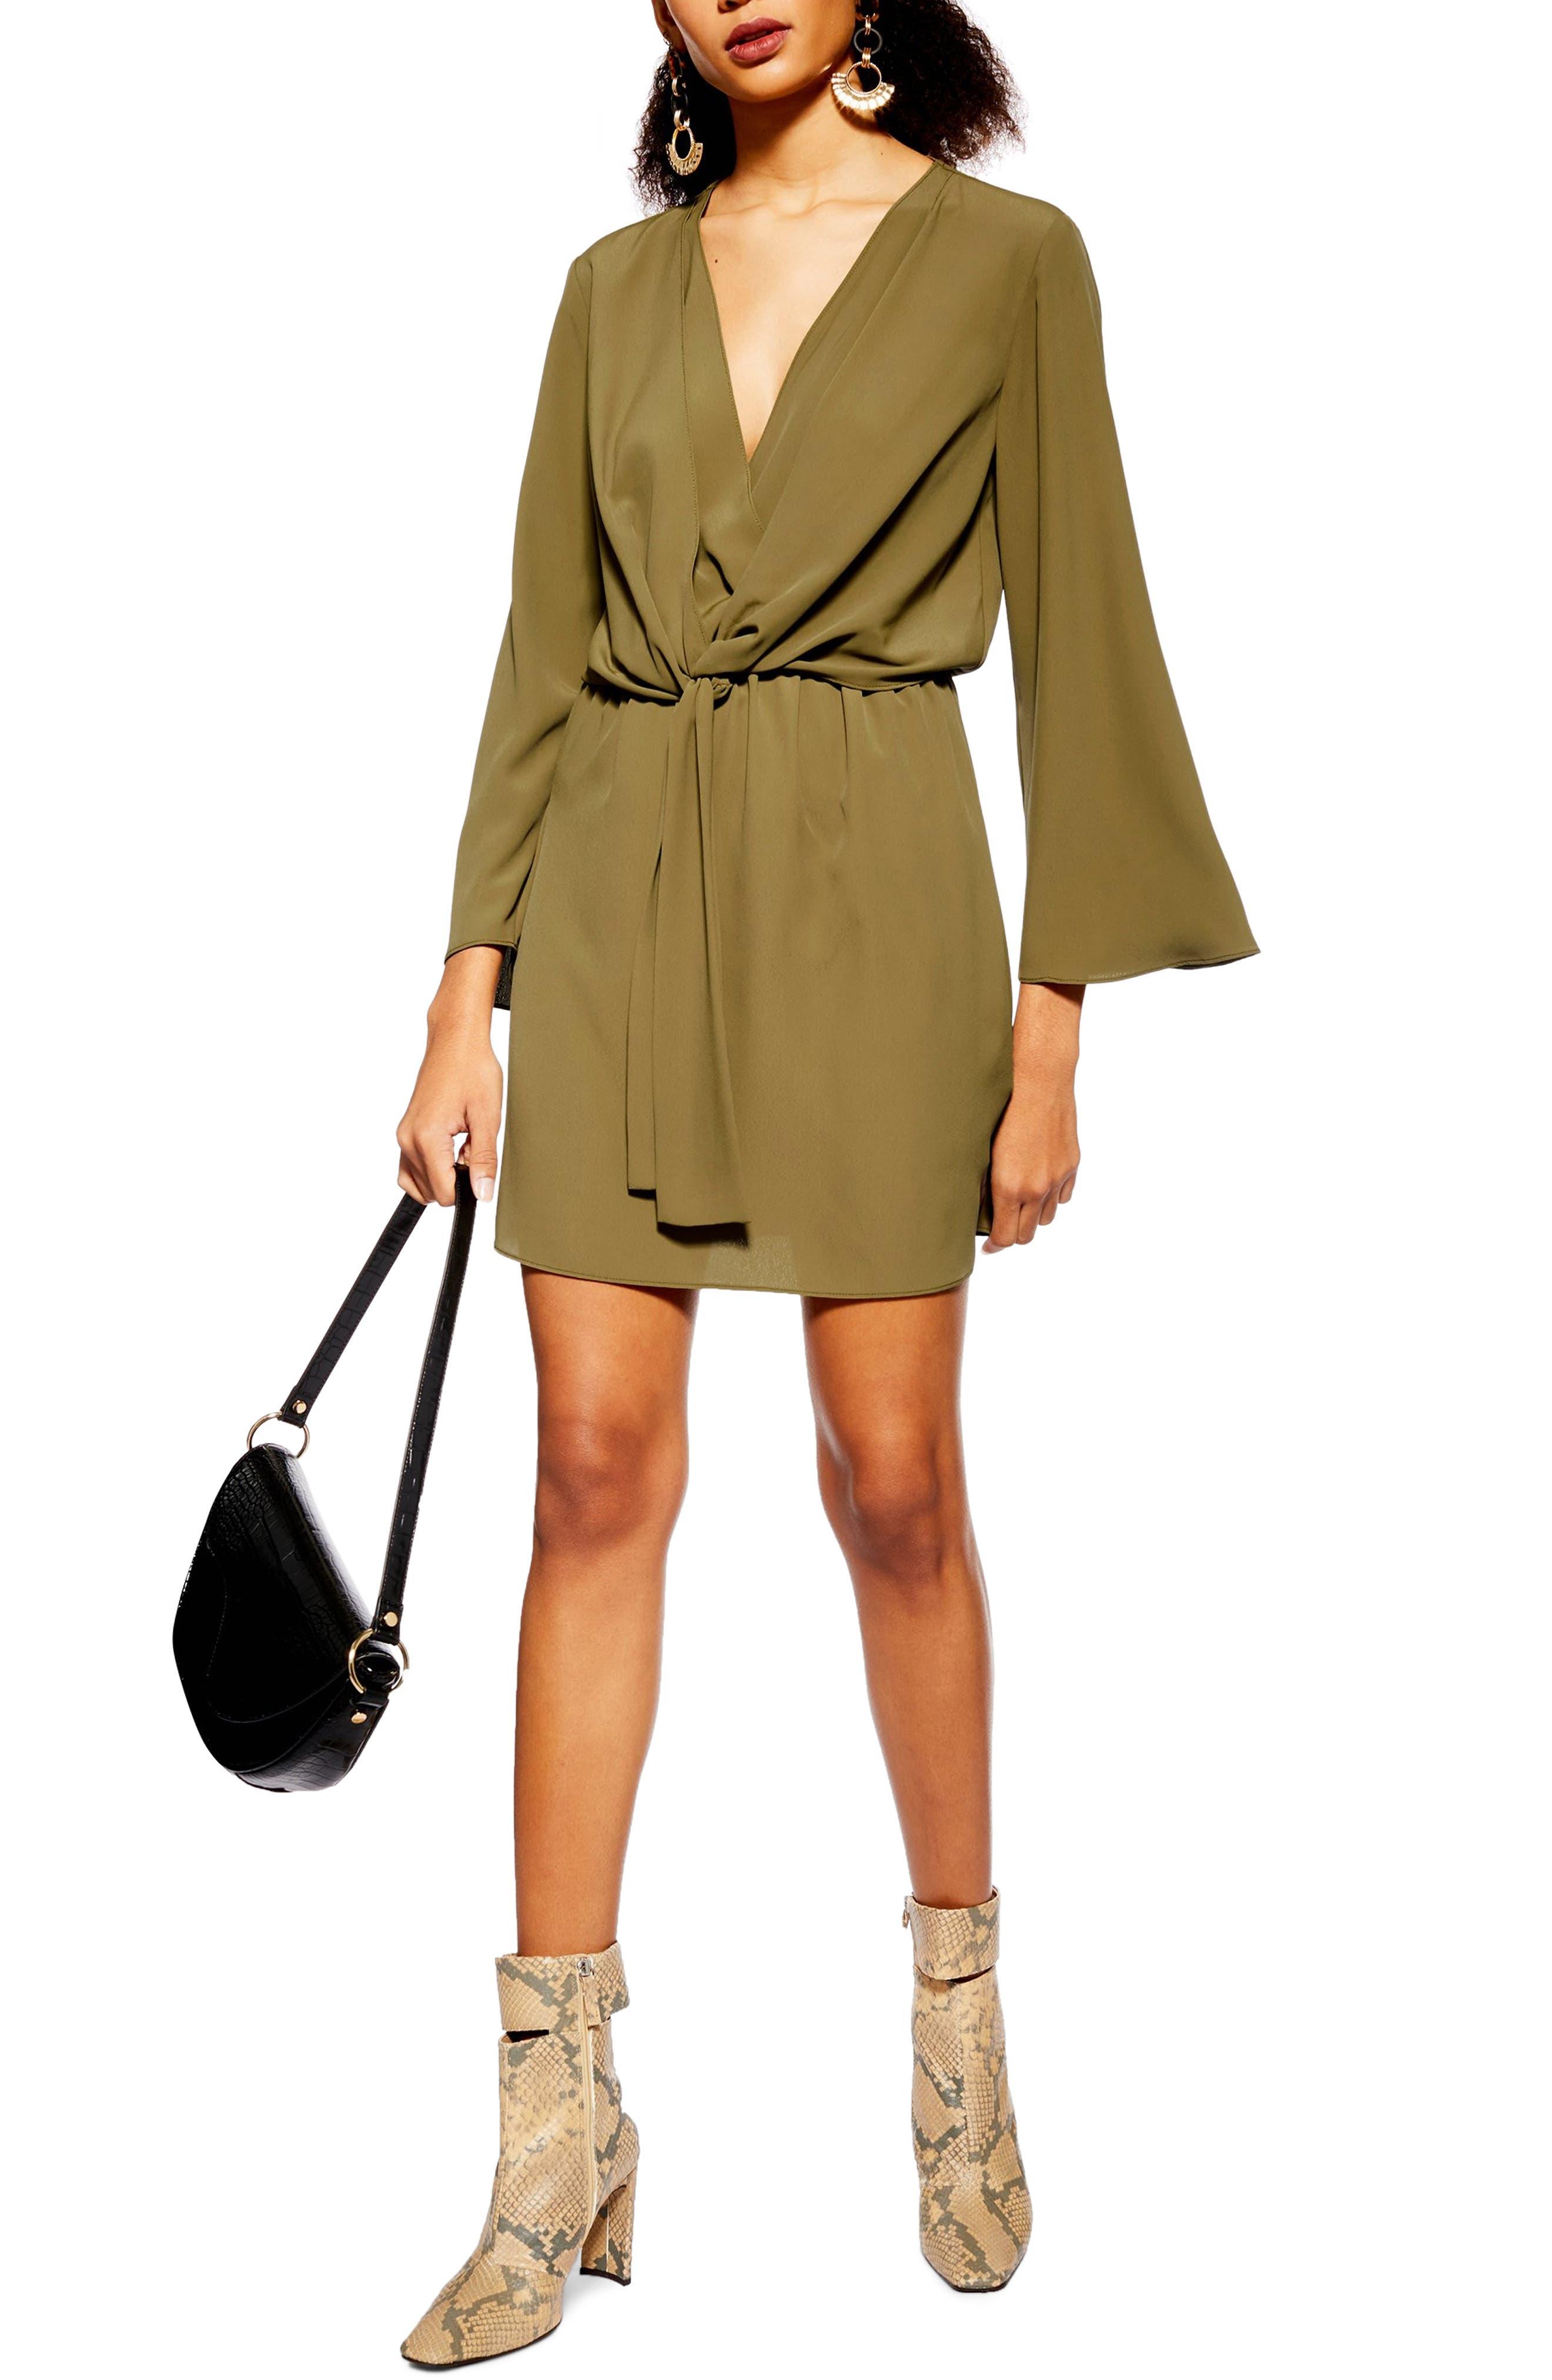 Topshop Tiffany Knot Minidress, US (fits like 0-2) - Green